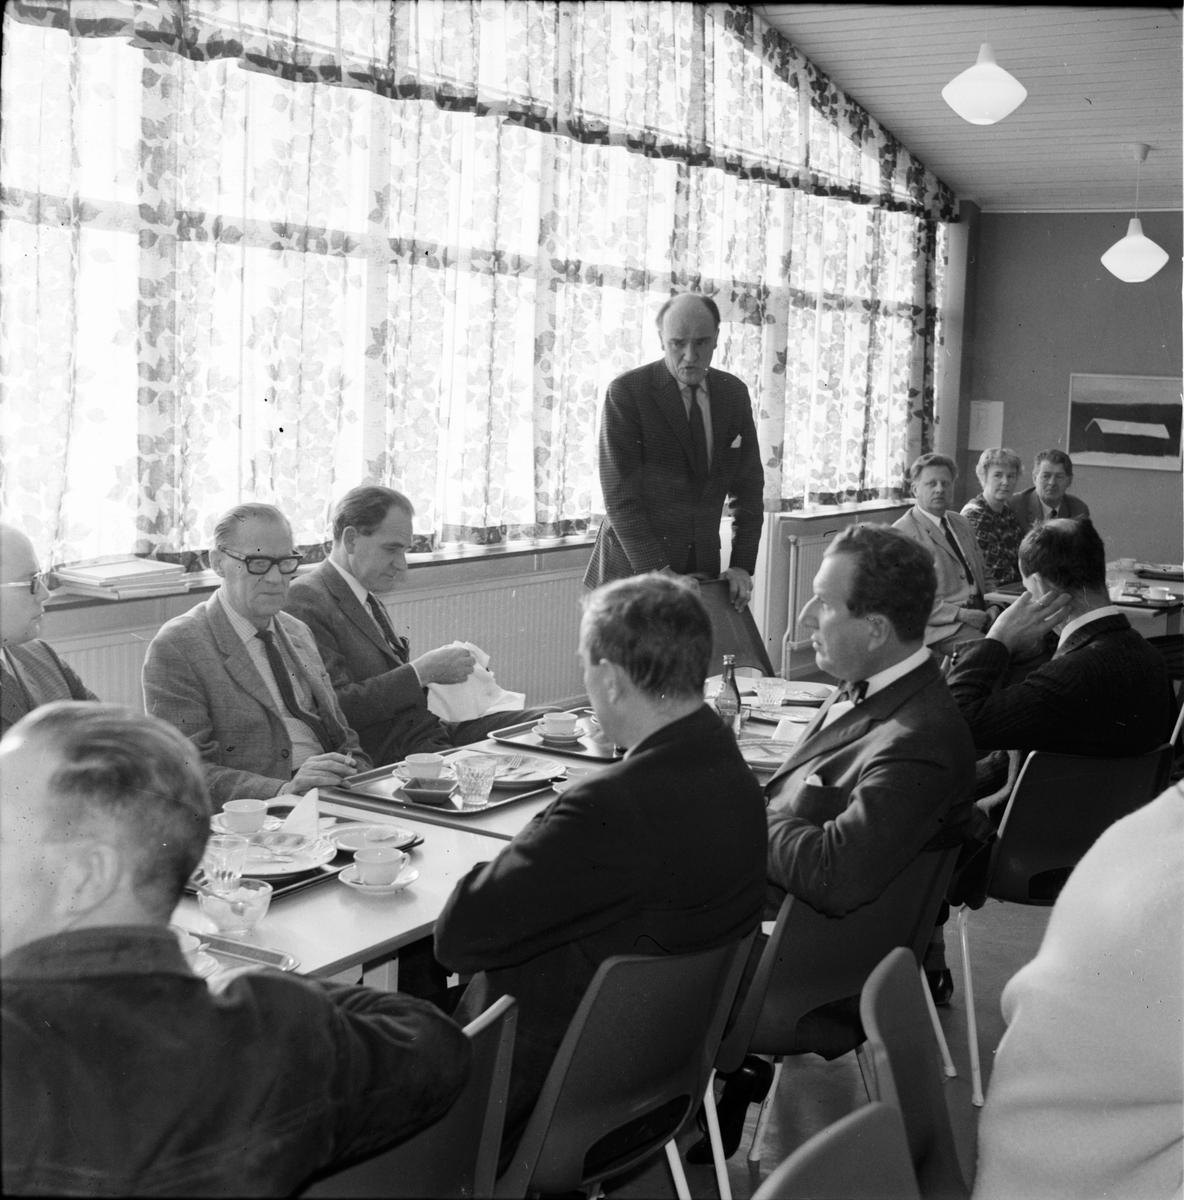 Arbrå, Konst i arbetsmiljö, Arbrå verkstad, November 1968